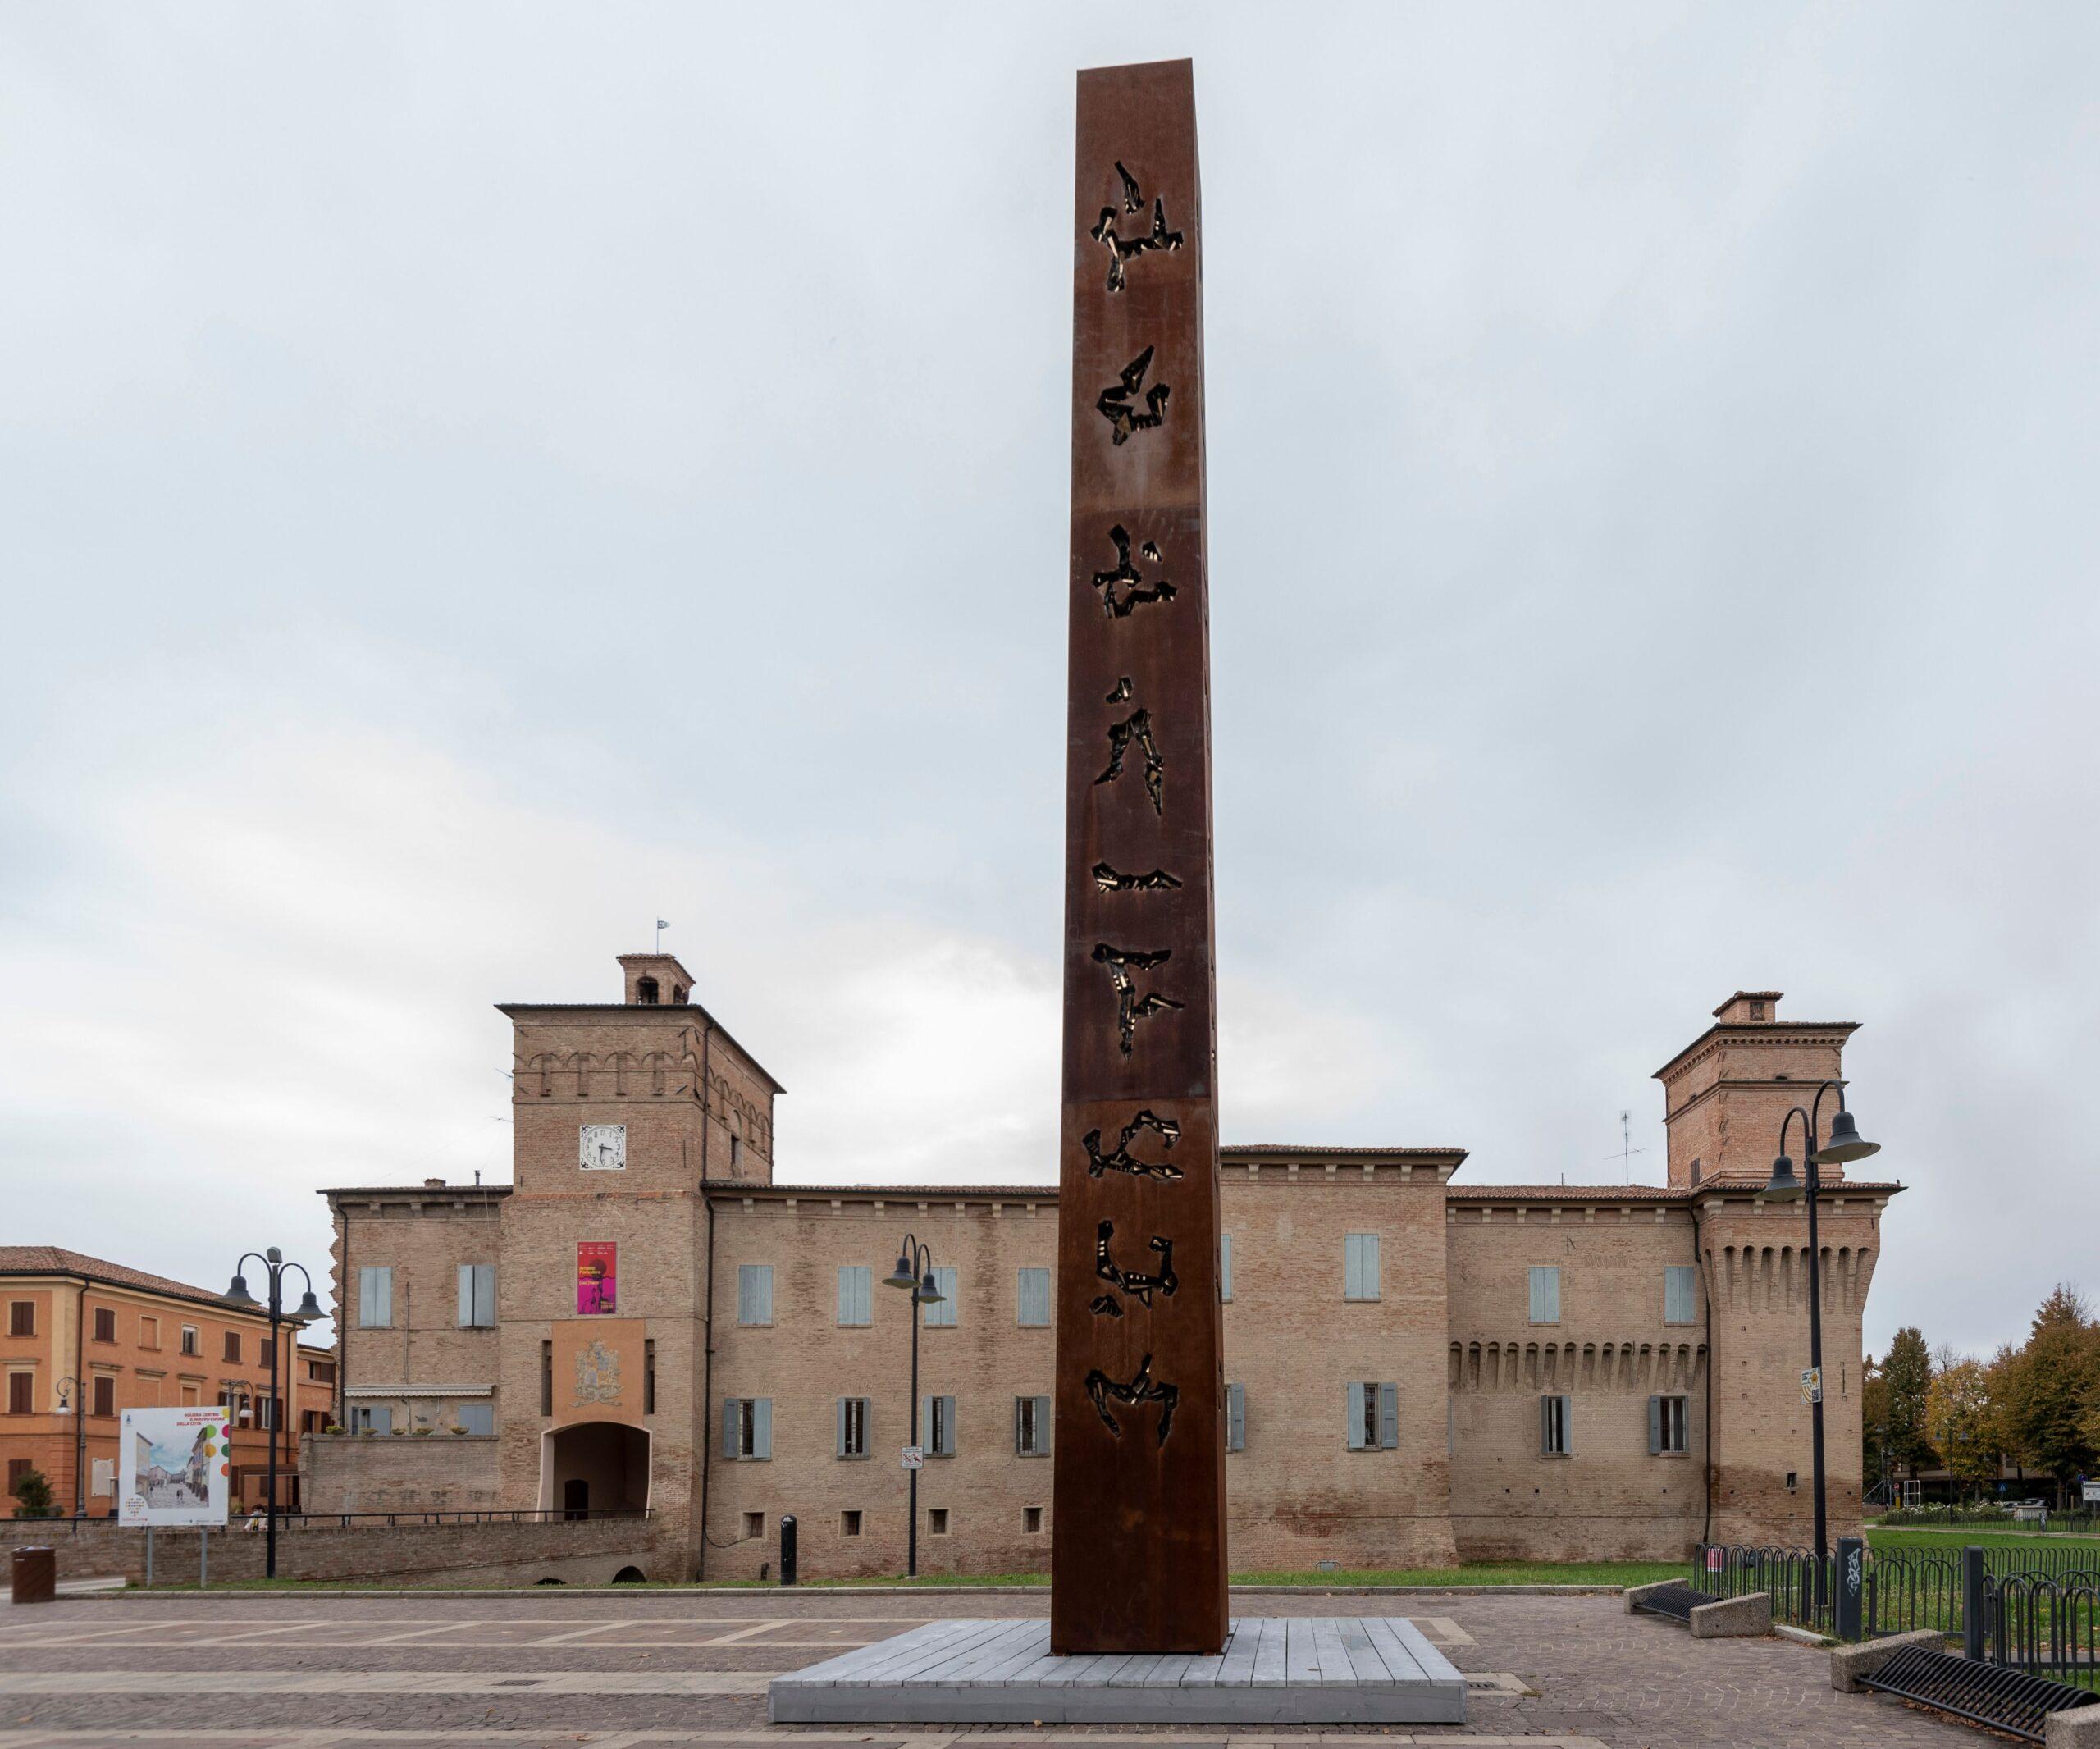 Il monumentale Obelisco per Cleopatra di Pomodoro domina Soliera. Il borgo celebra lo scultore